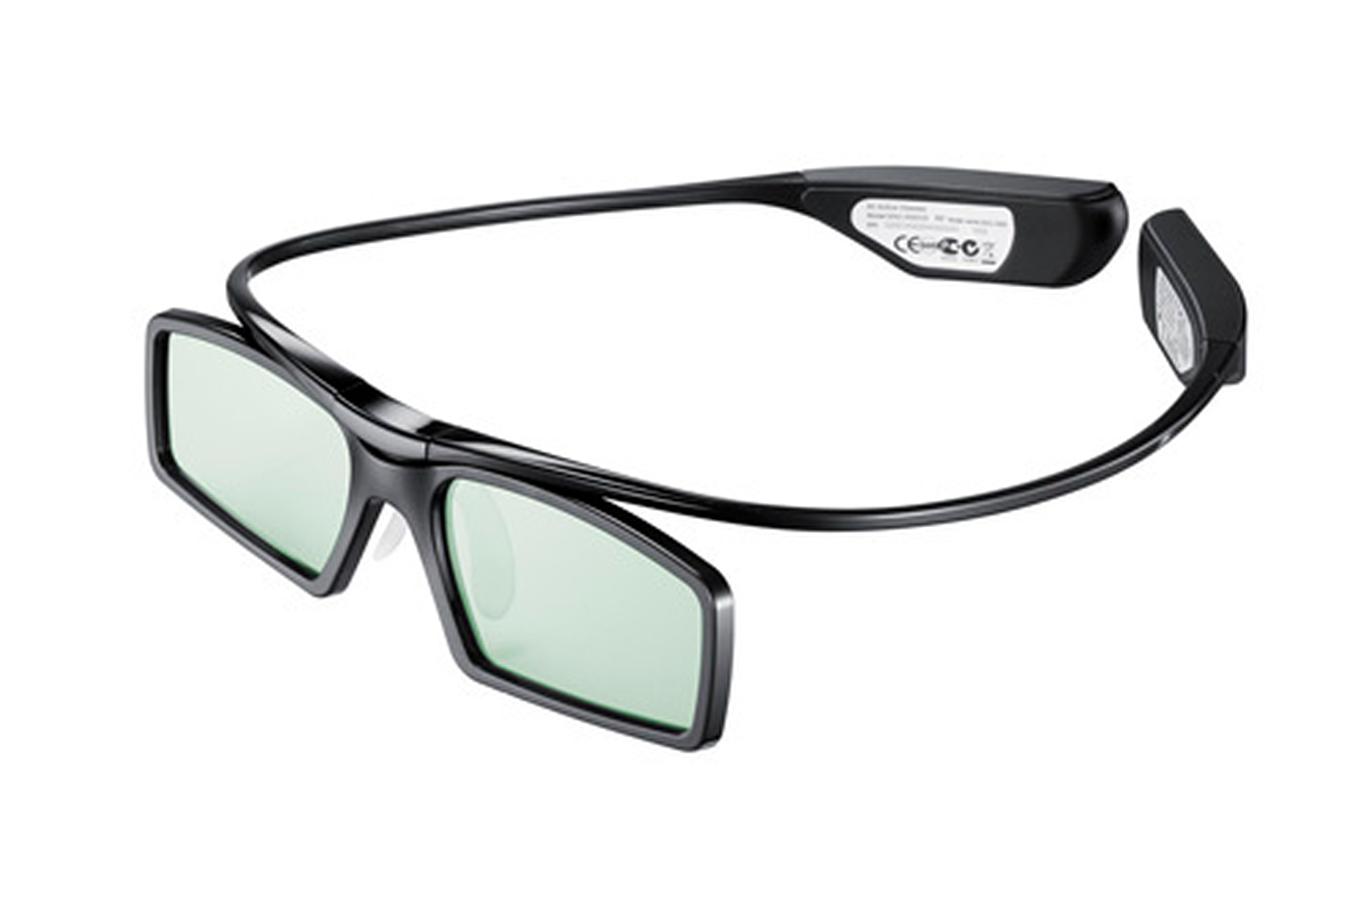 lunettes 3d samsung lunettes 3d ssg 3500cr ssg 3500cr. Black Bedroom Furniture Sets. Home Design Ideas